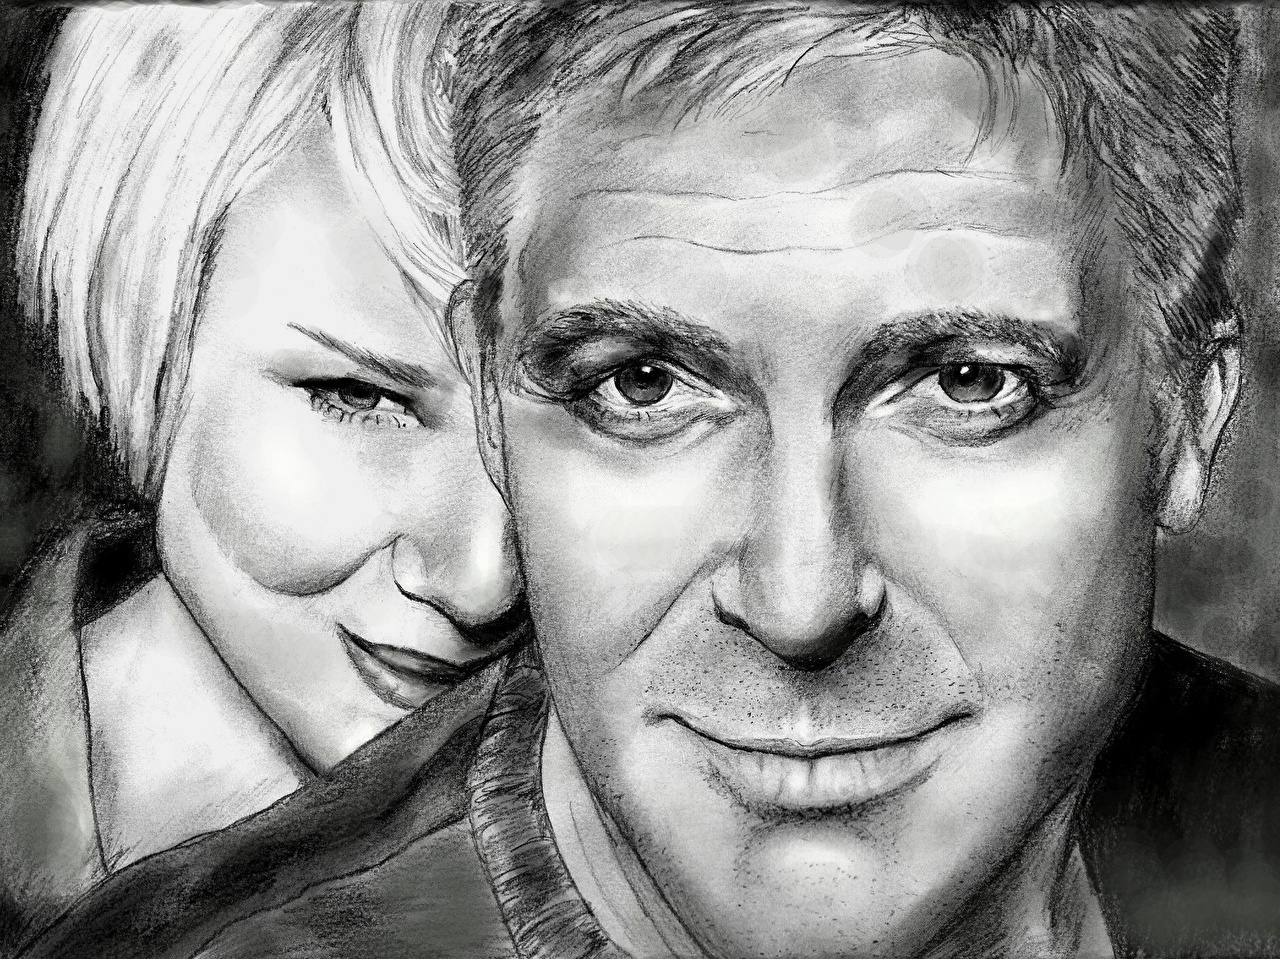 Photo George Clooney with Renee Zellweger Celebrities 1280x959